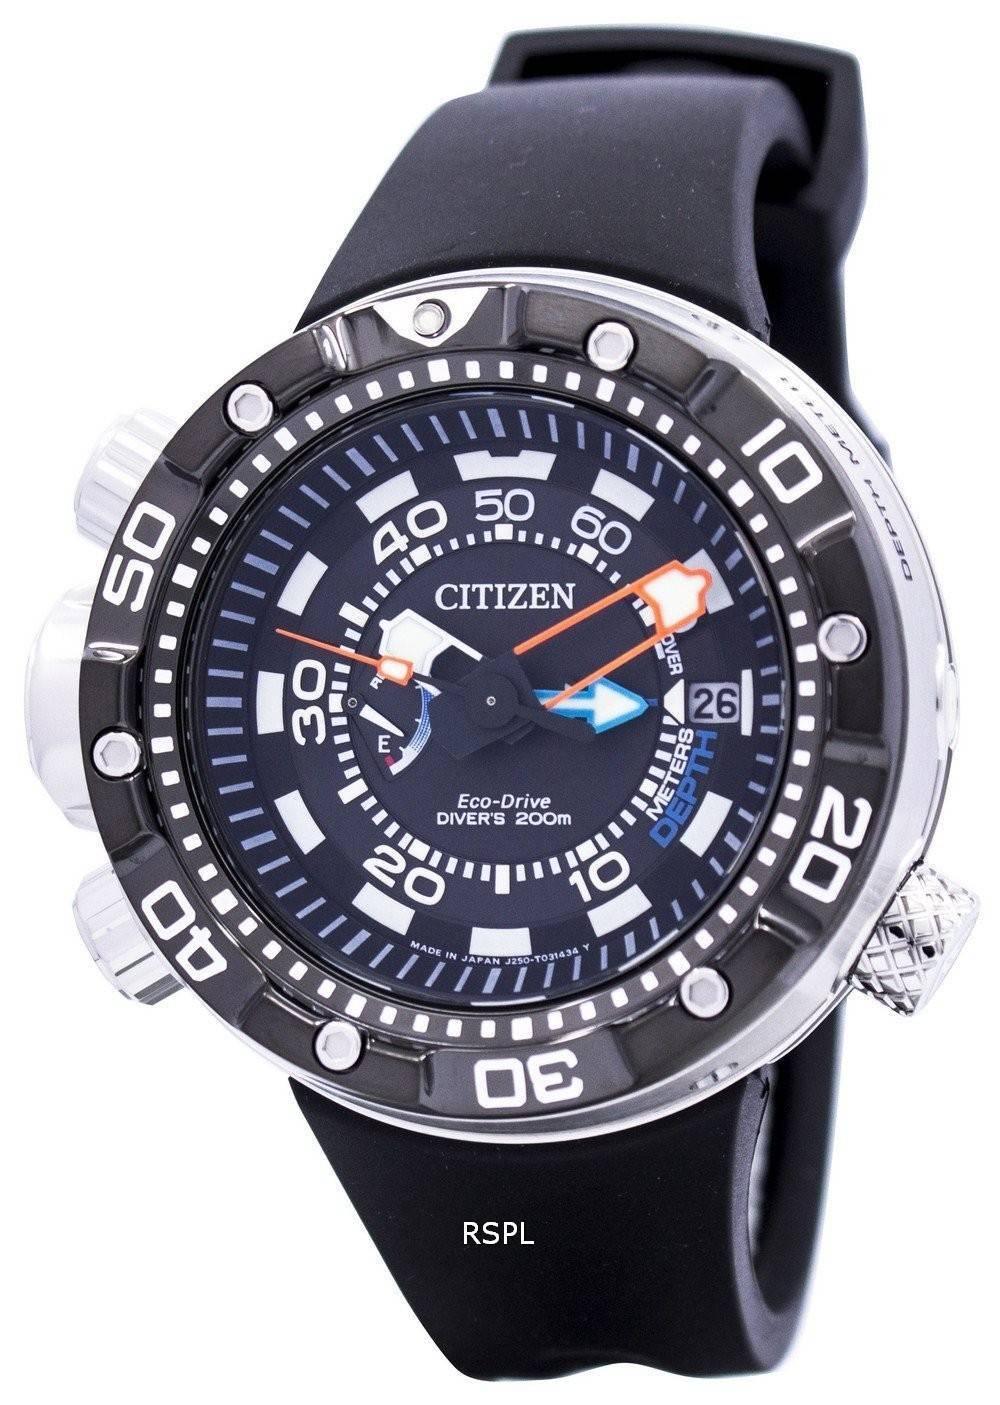 Citizen Promaster Aqualand Eco-Drive Divers BN2024-05E Mens Watch ... c45fca5a62b